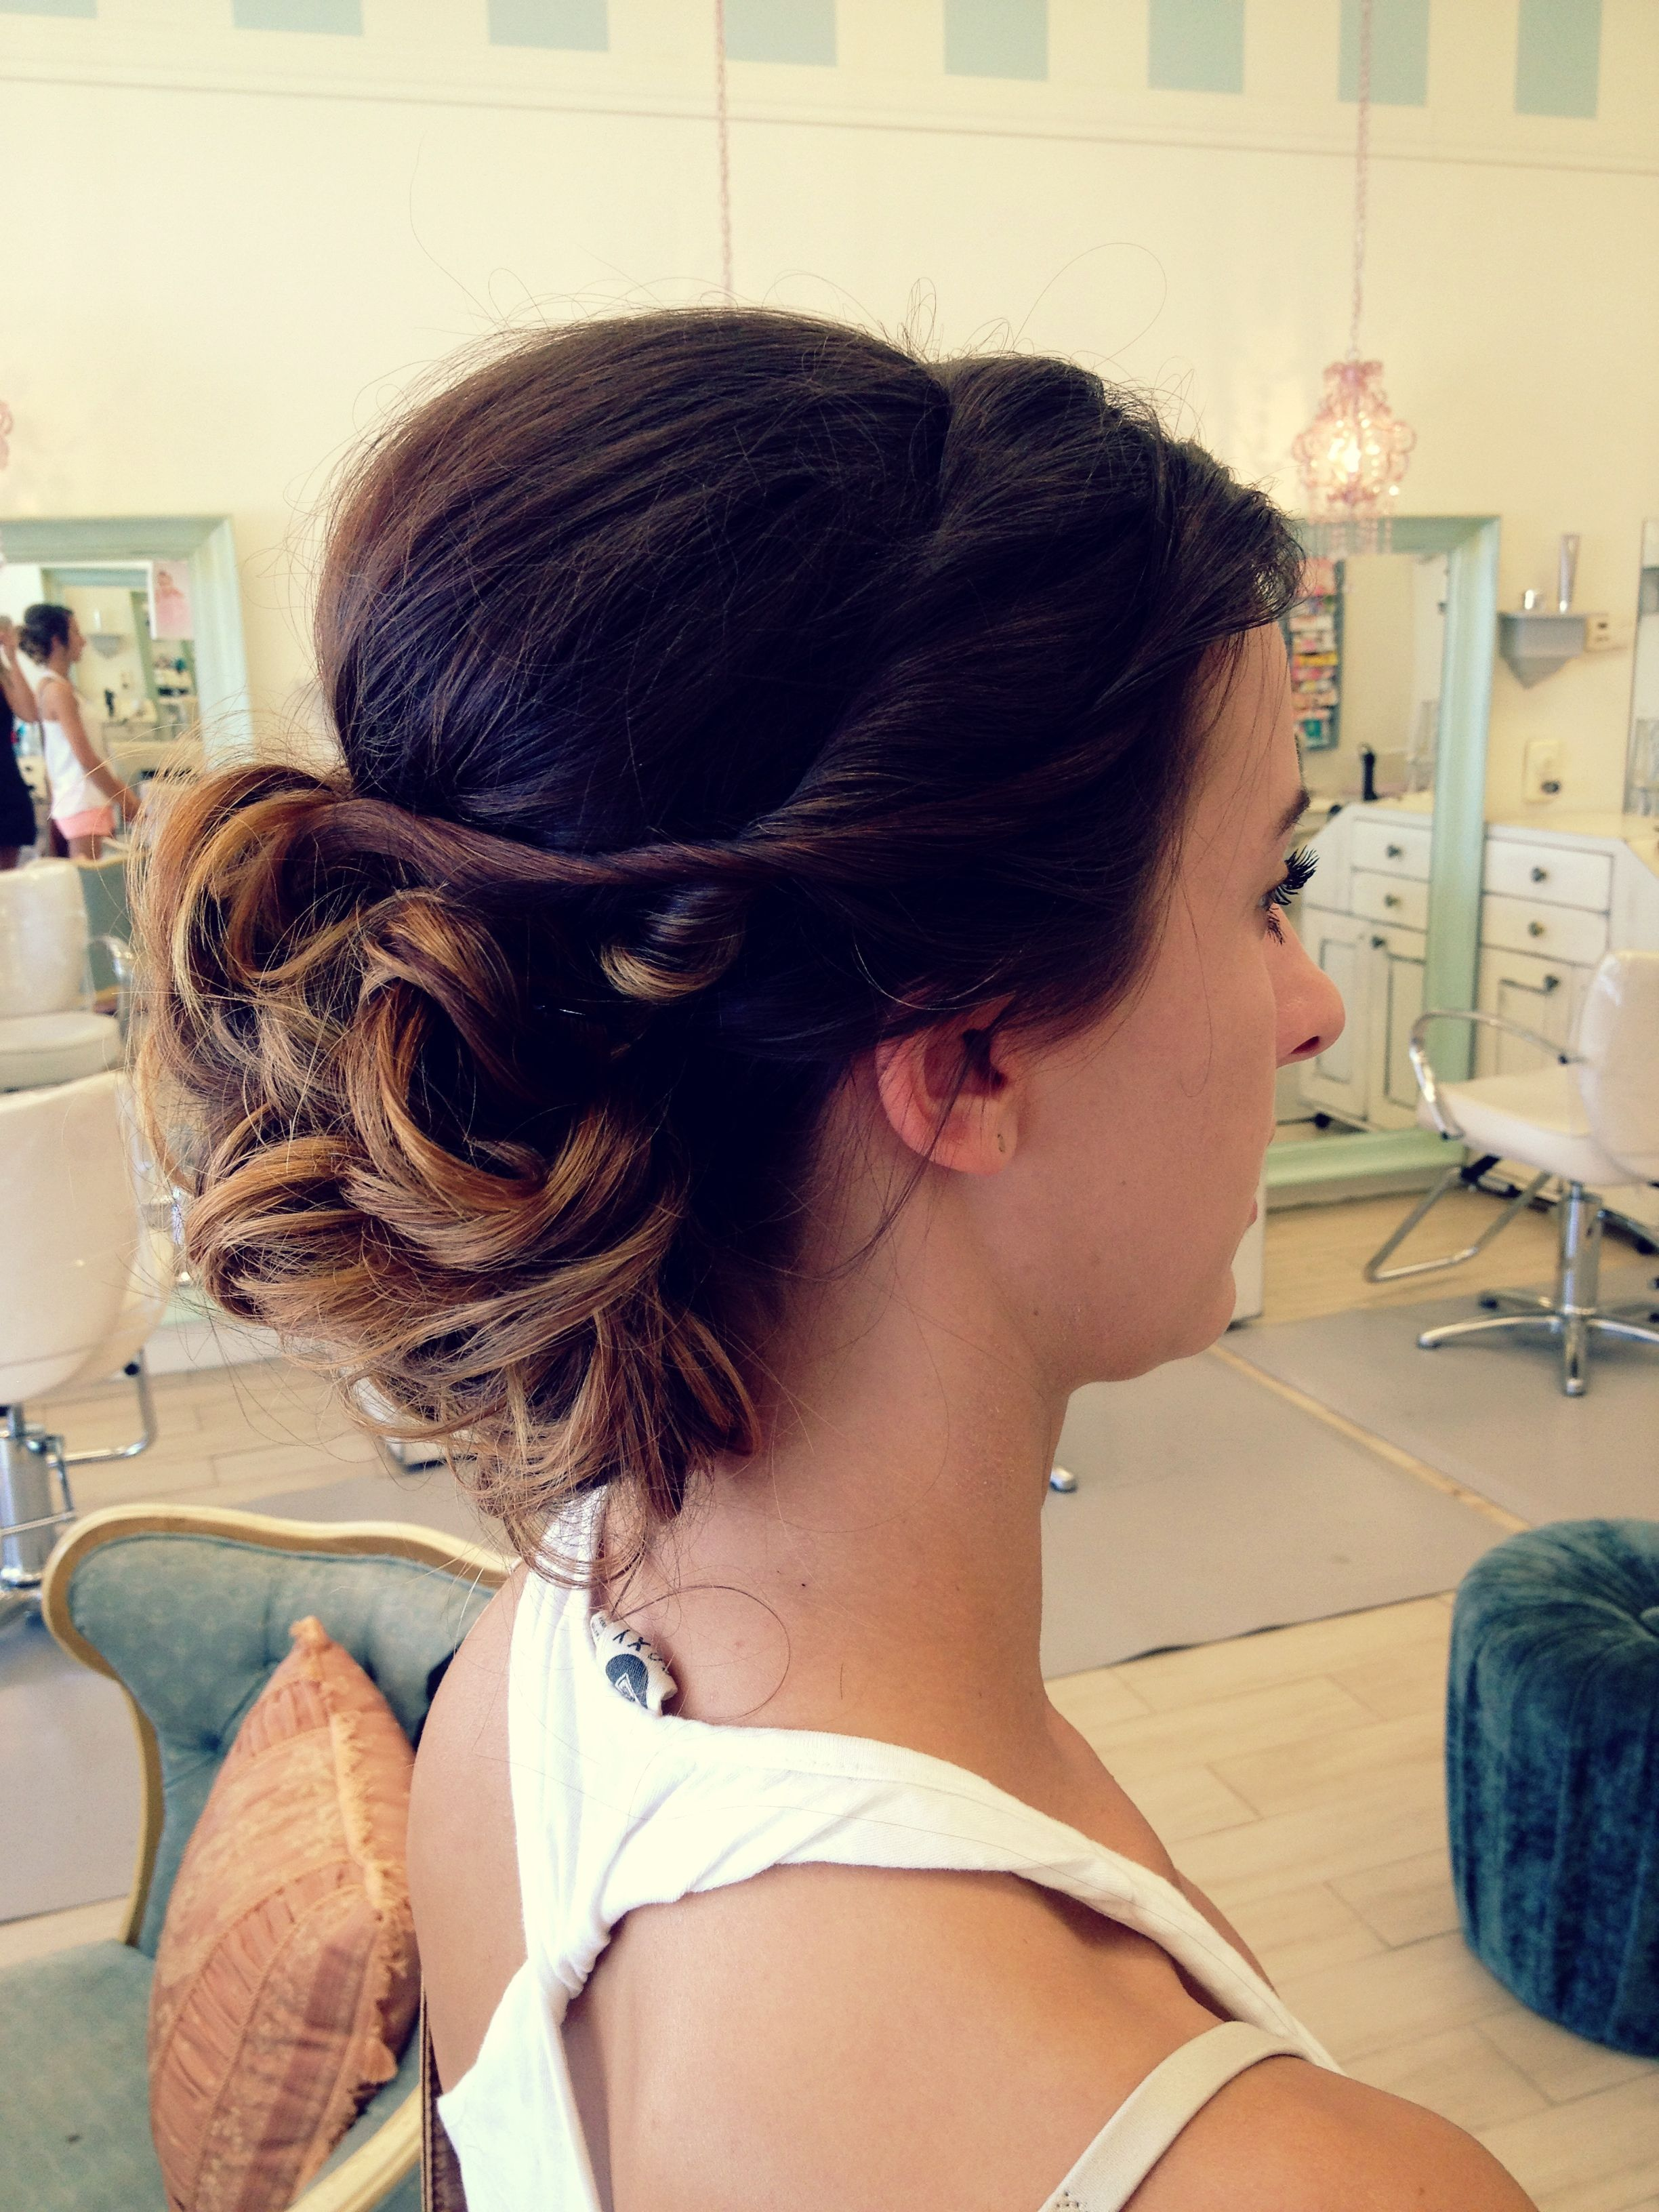 Prom teen hair